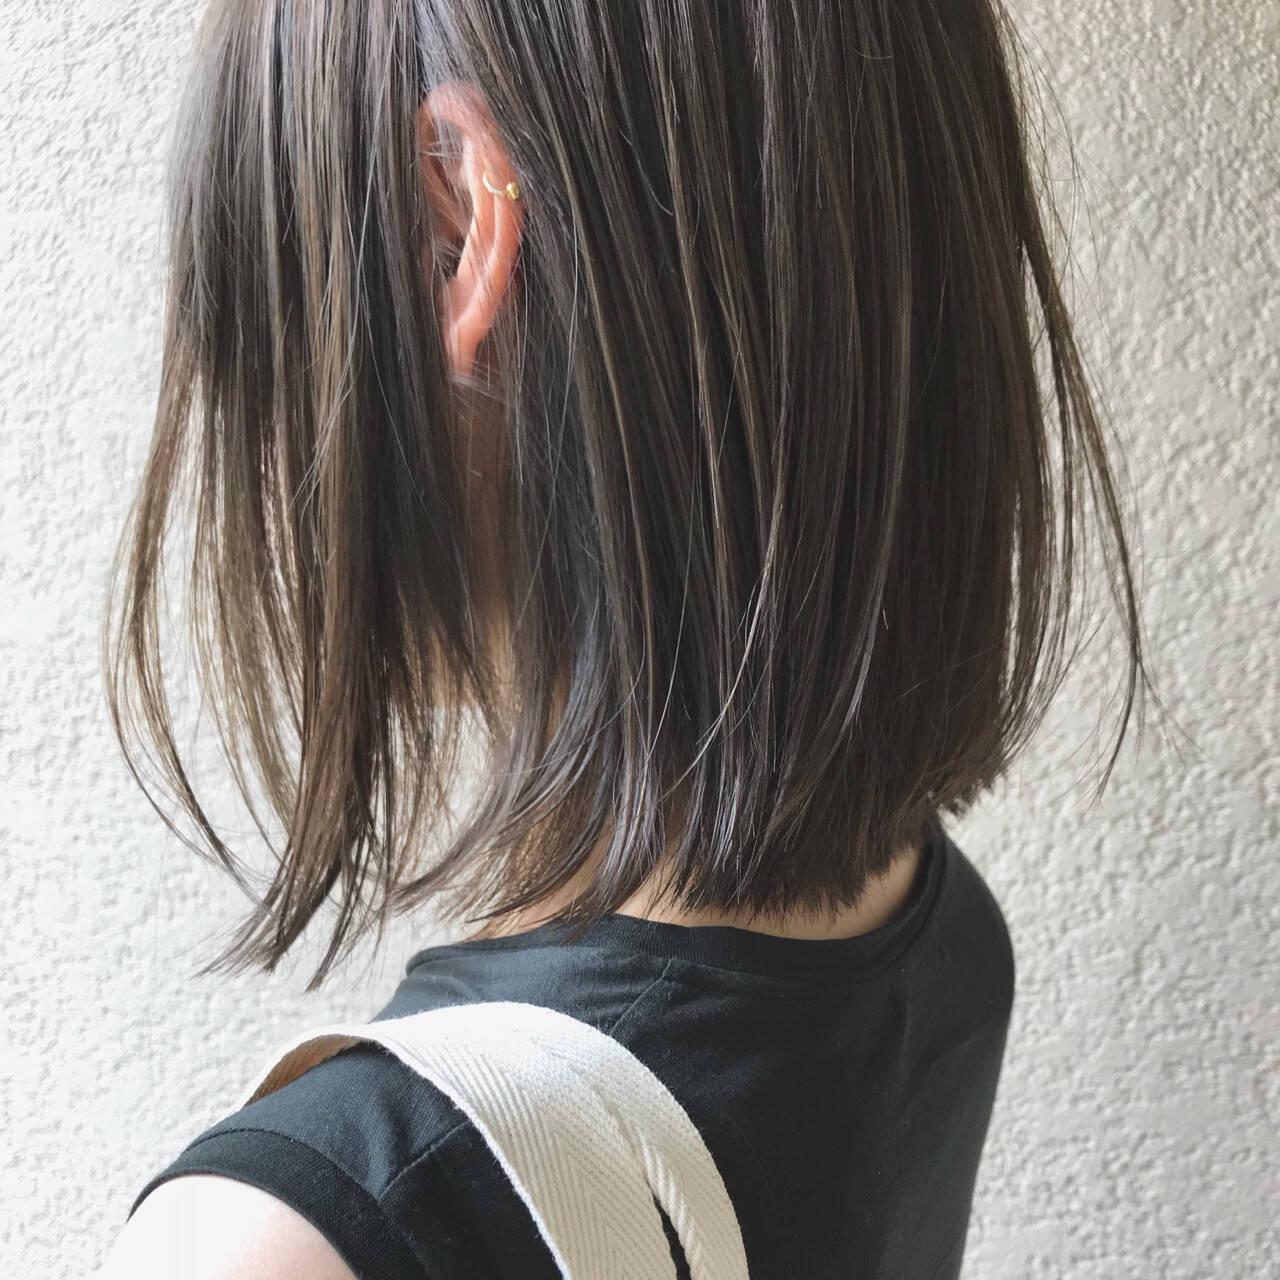 スポーツ ふわふわ 透明感 ボブヘアスタイルや髪型の写真・画像